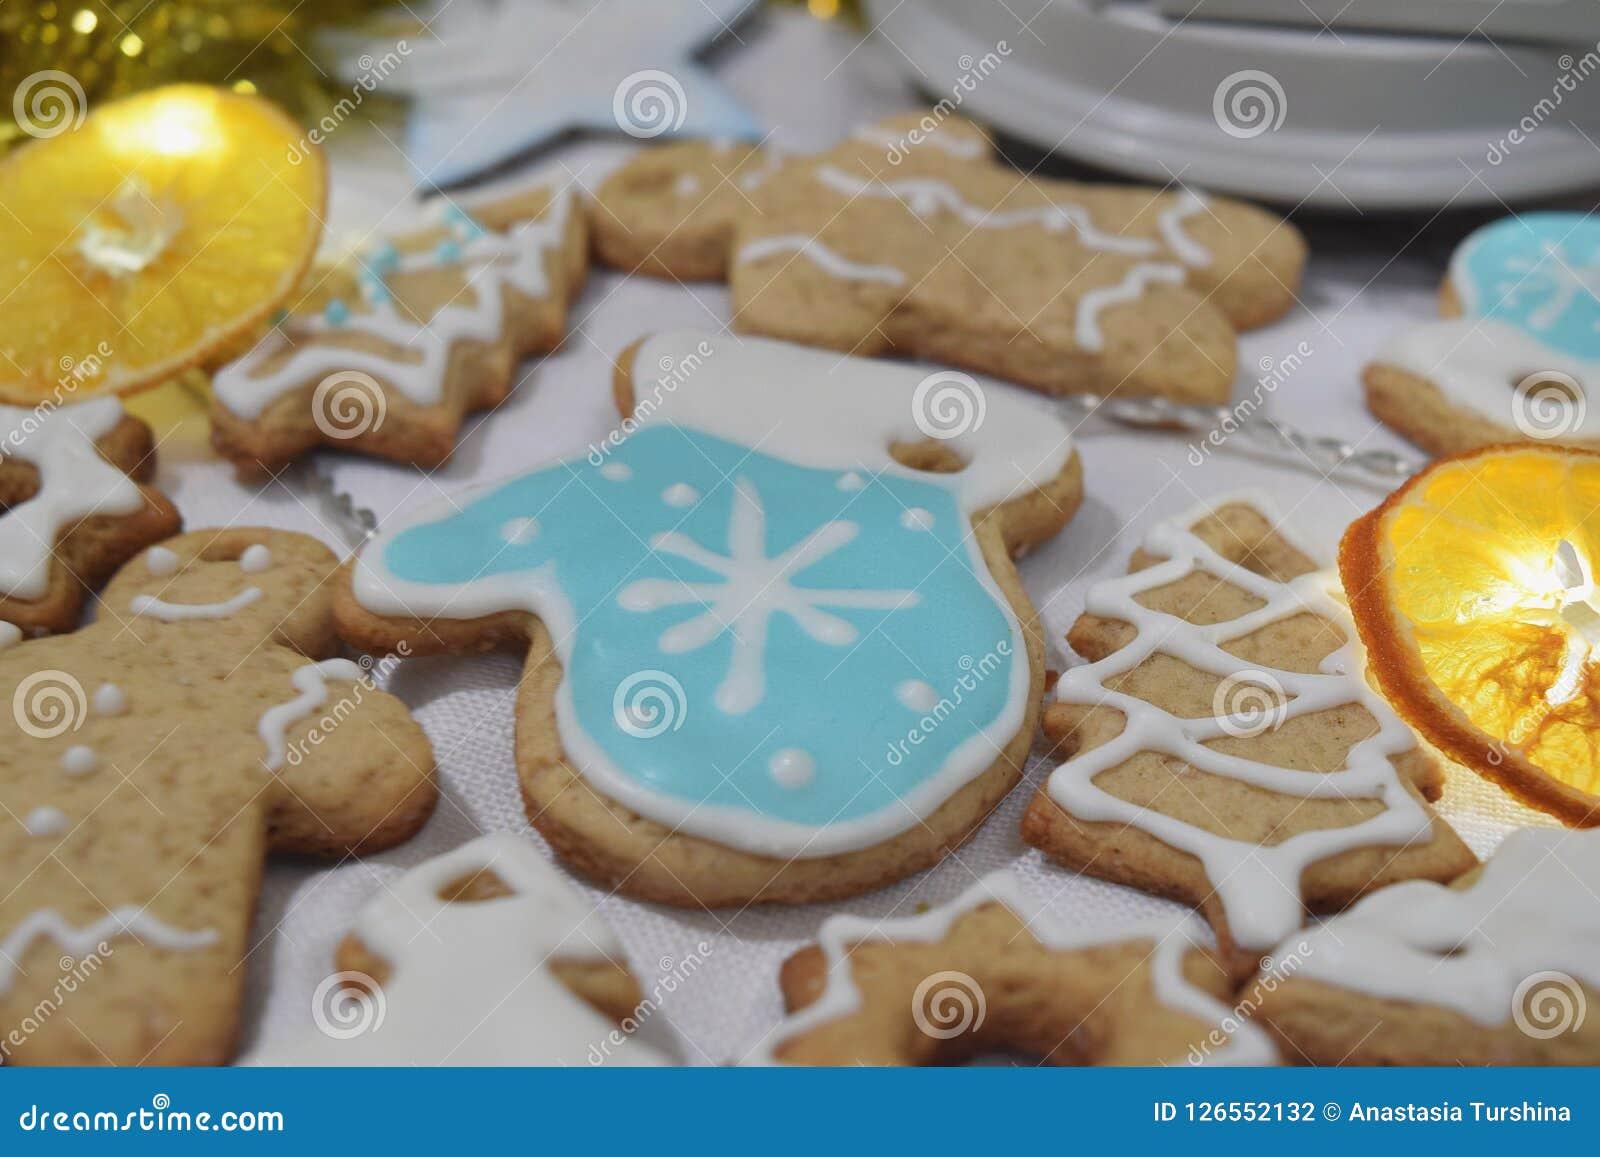 För Garland Dry för ljust rödbrun kakor för jul bakgrund Ch orange vinter